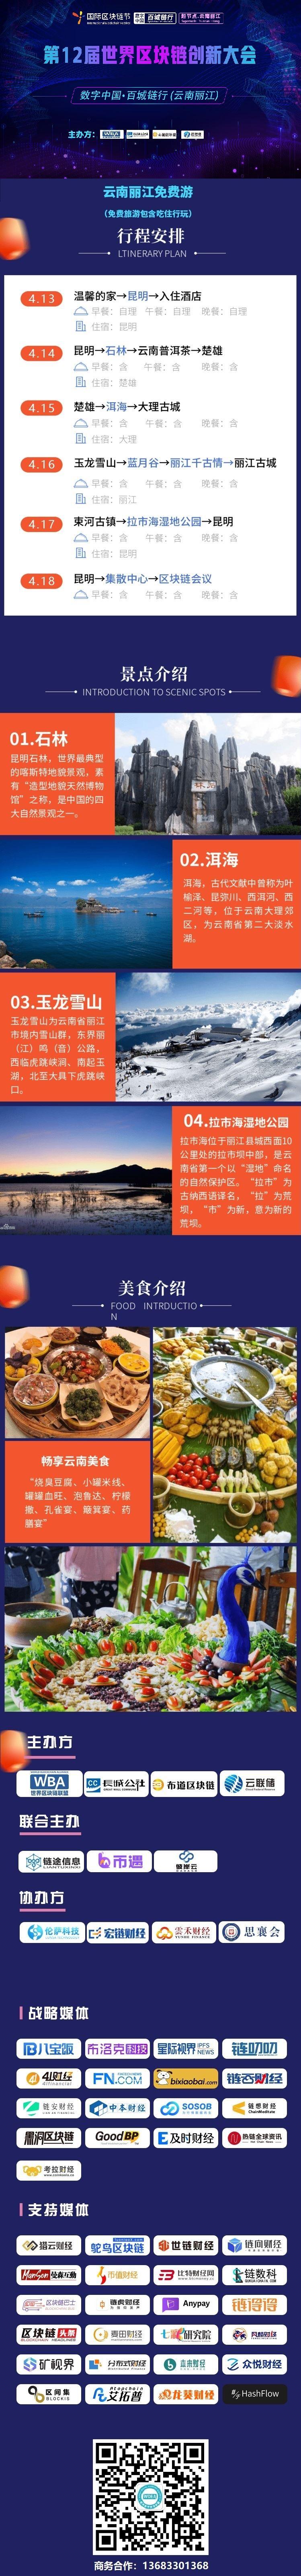 数字中国百城链行丽江0329.jpg